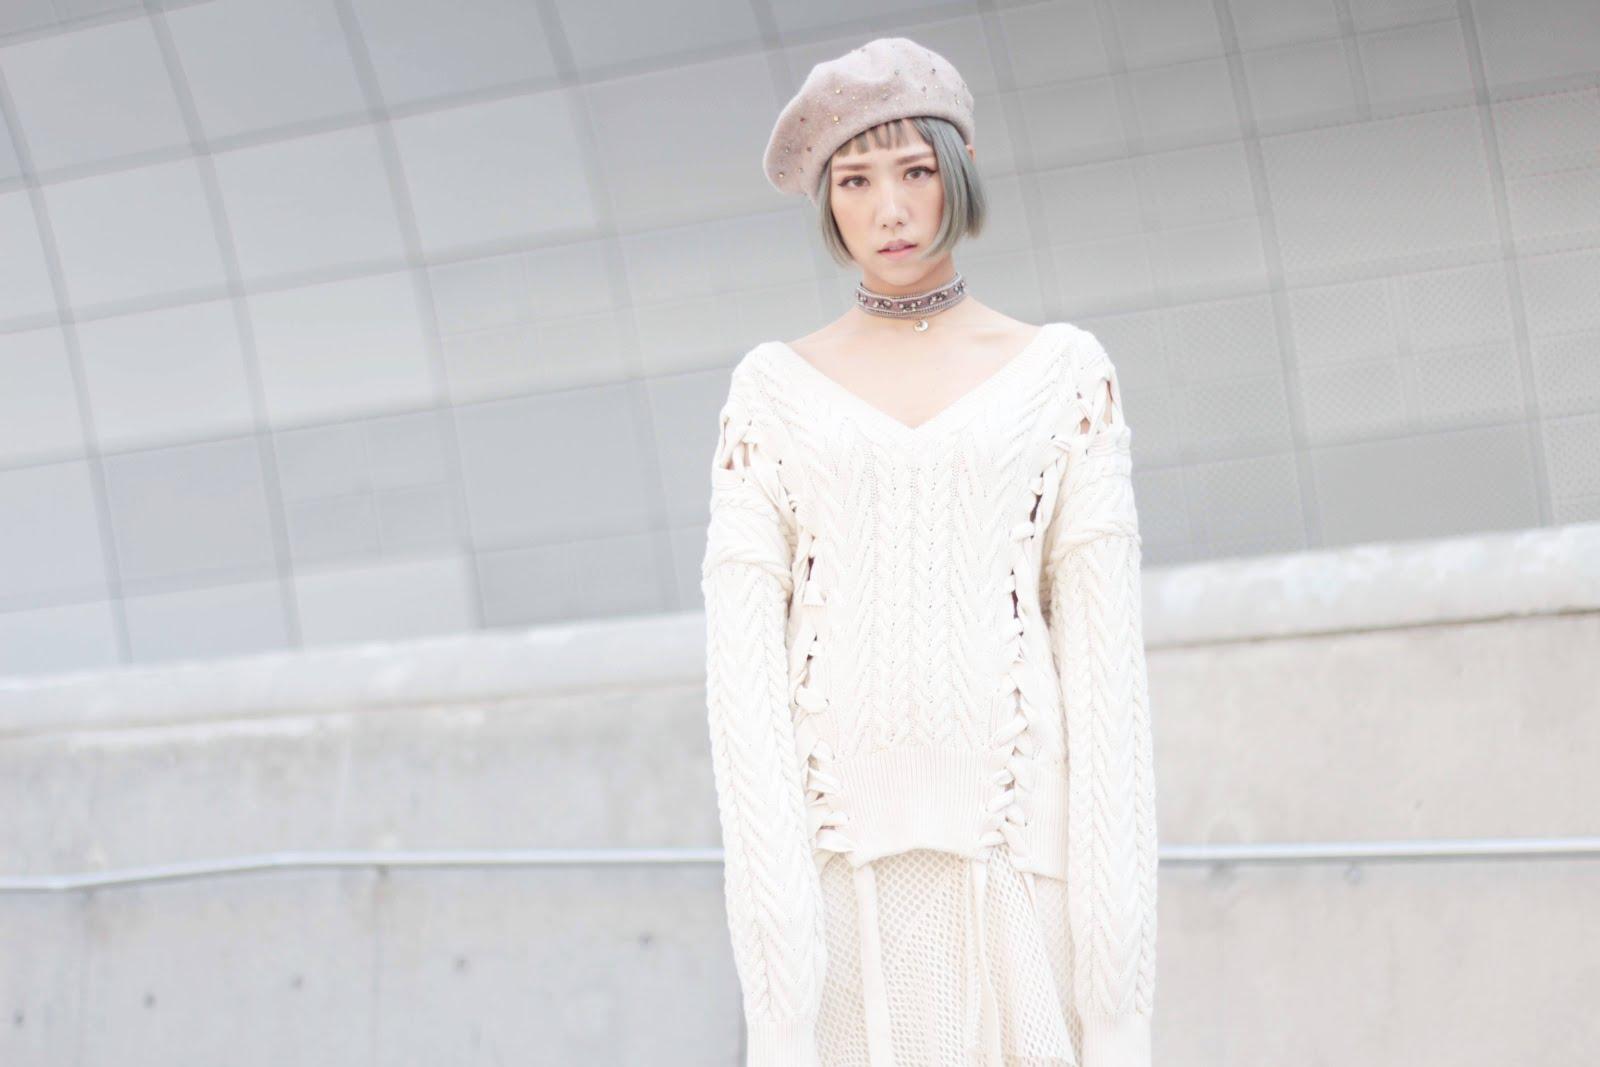 헤라세울패션위크 스트릿스타일  hera seoul fashion week fw17 streetstyle